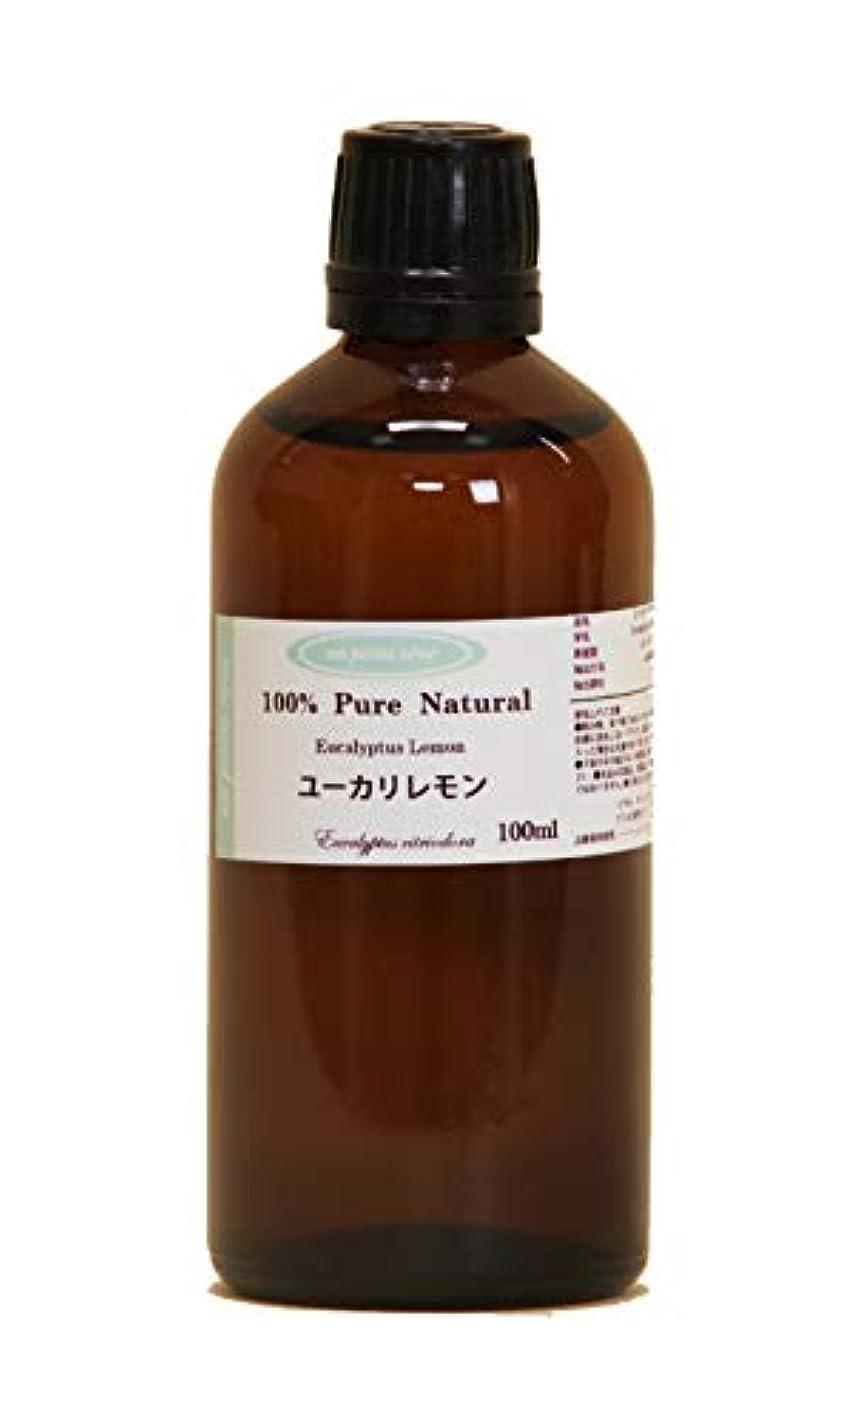 二十多分追跡ユーカリレモン 100ml 100%天然アロマエッセンシャルオイル(精油)